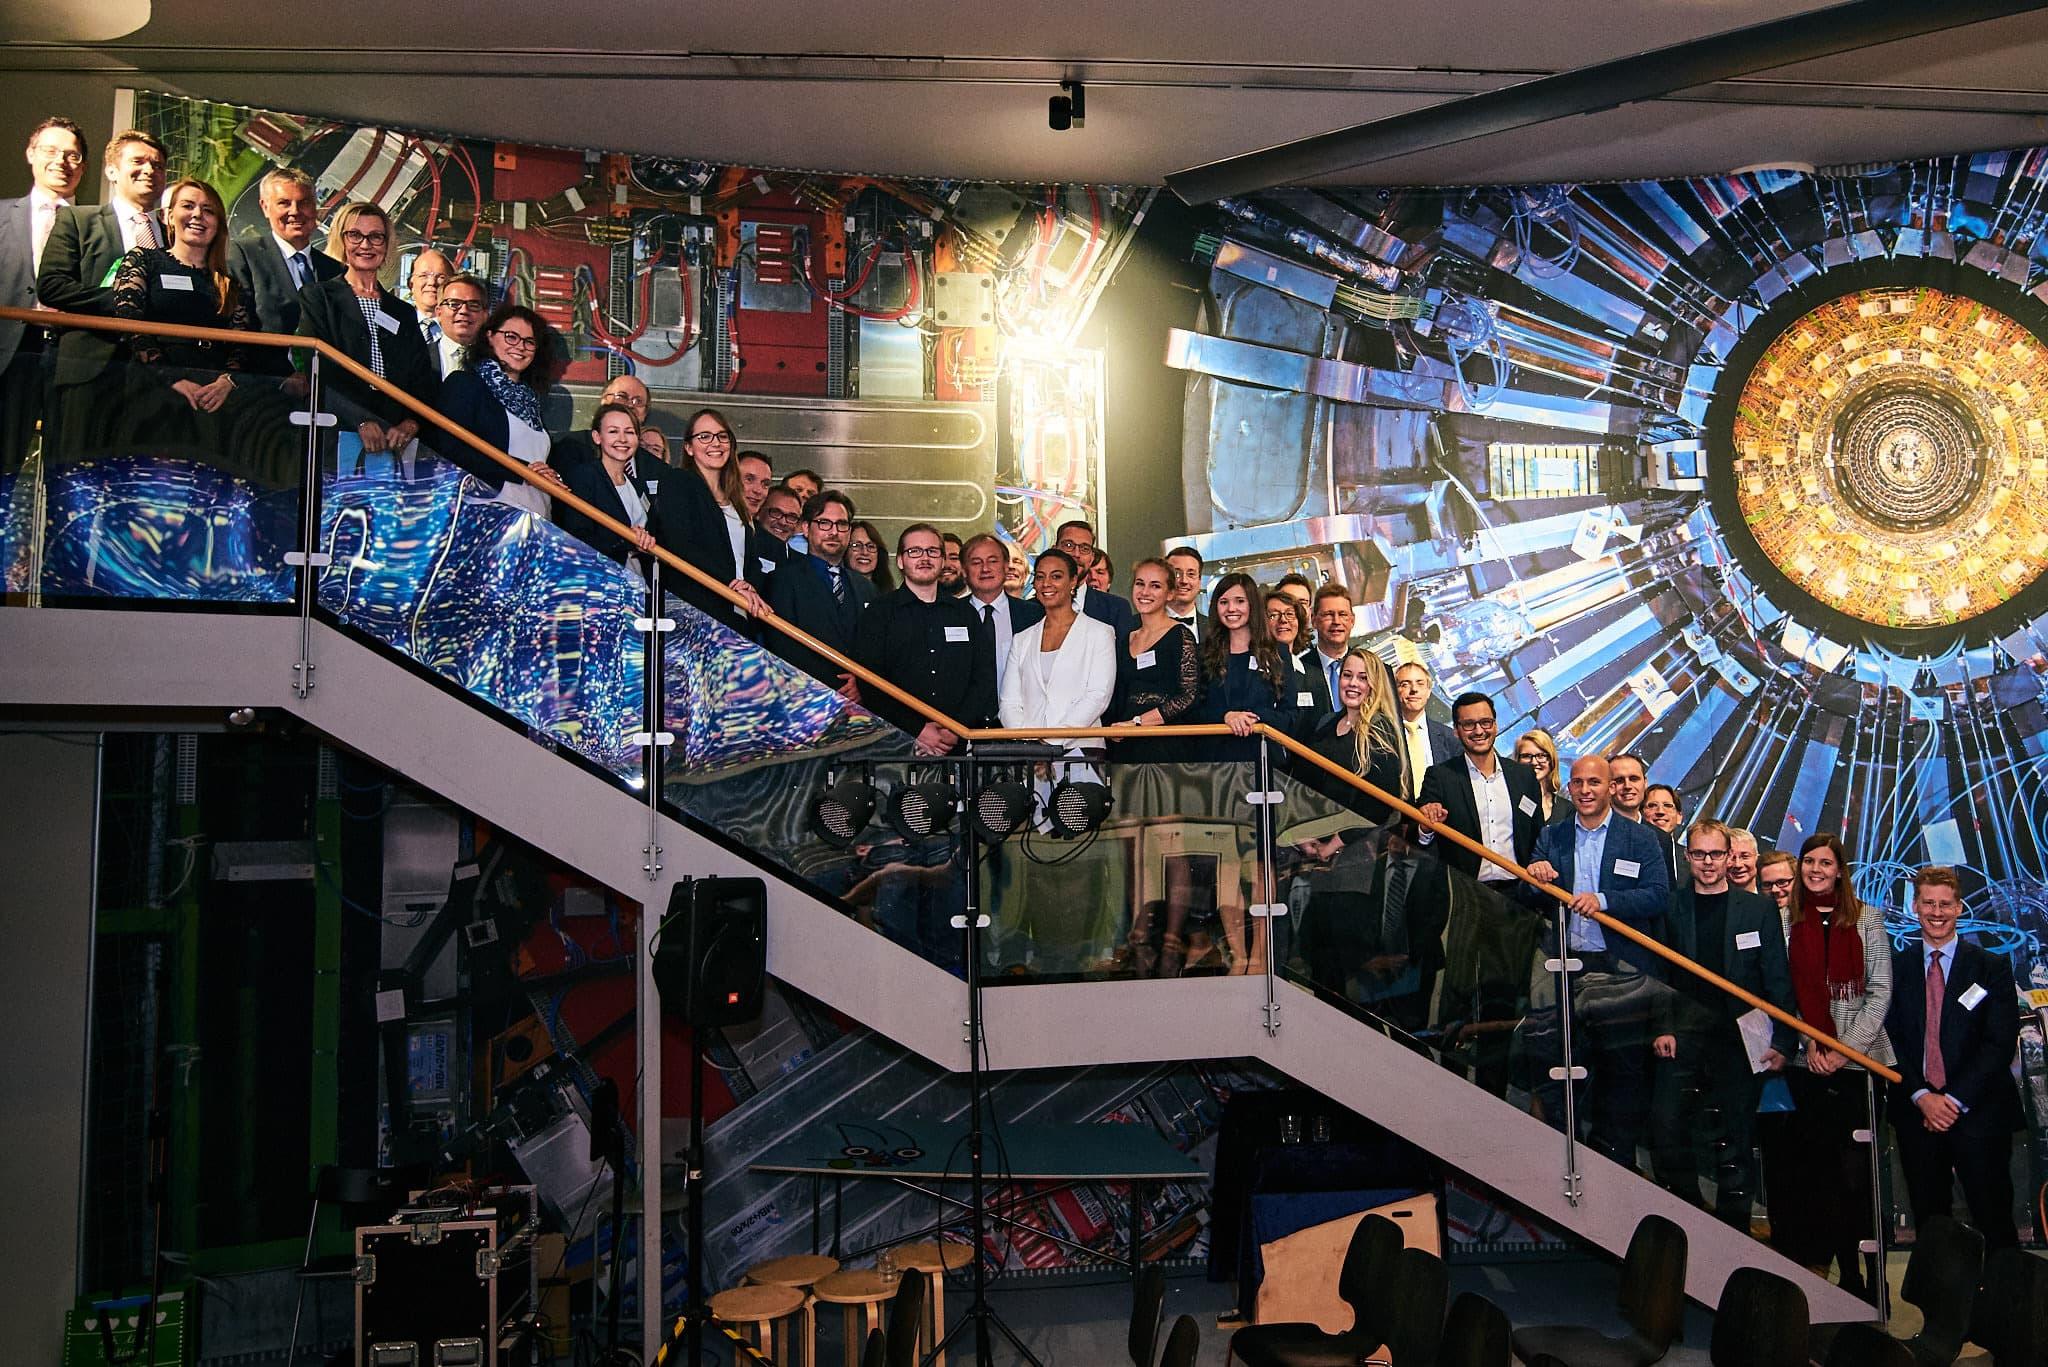 Gruppenbild auf der Treppe.